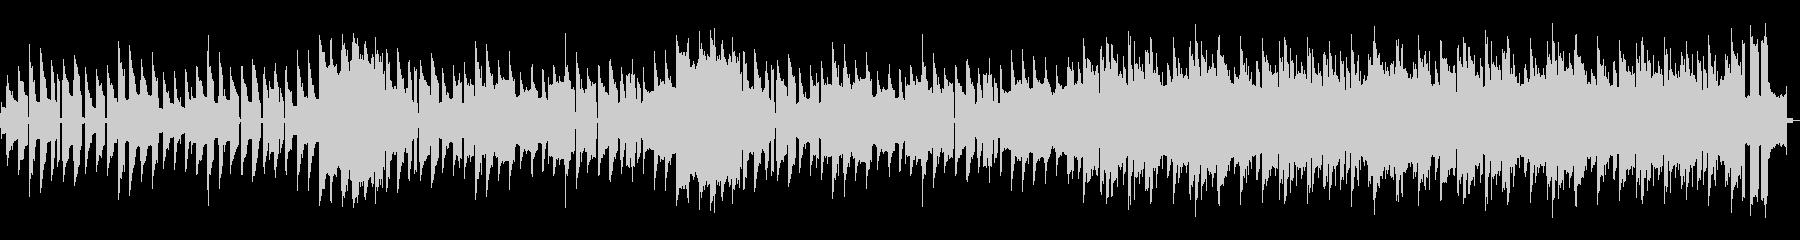 (ドラム無)かわいい、ほのぼの、元気の未再生の波形